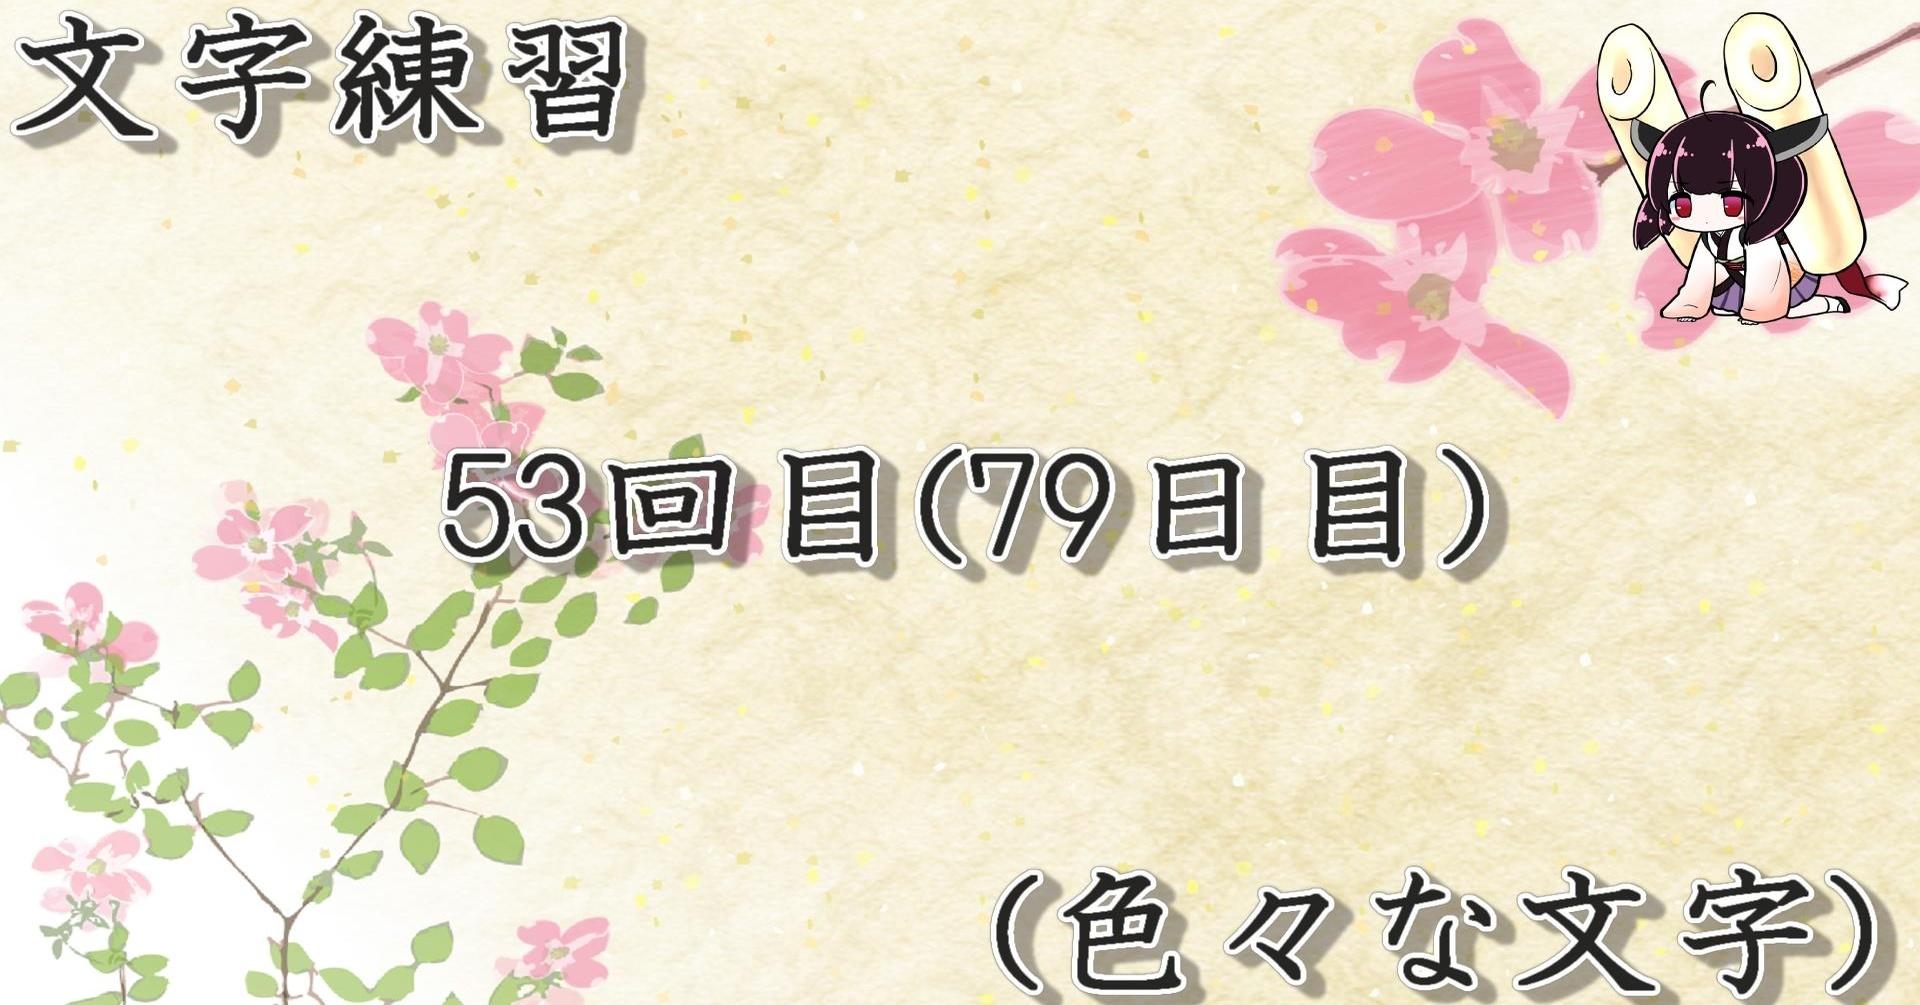 文字練習53回目(79日目)